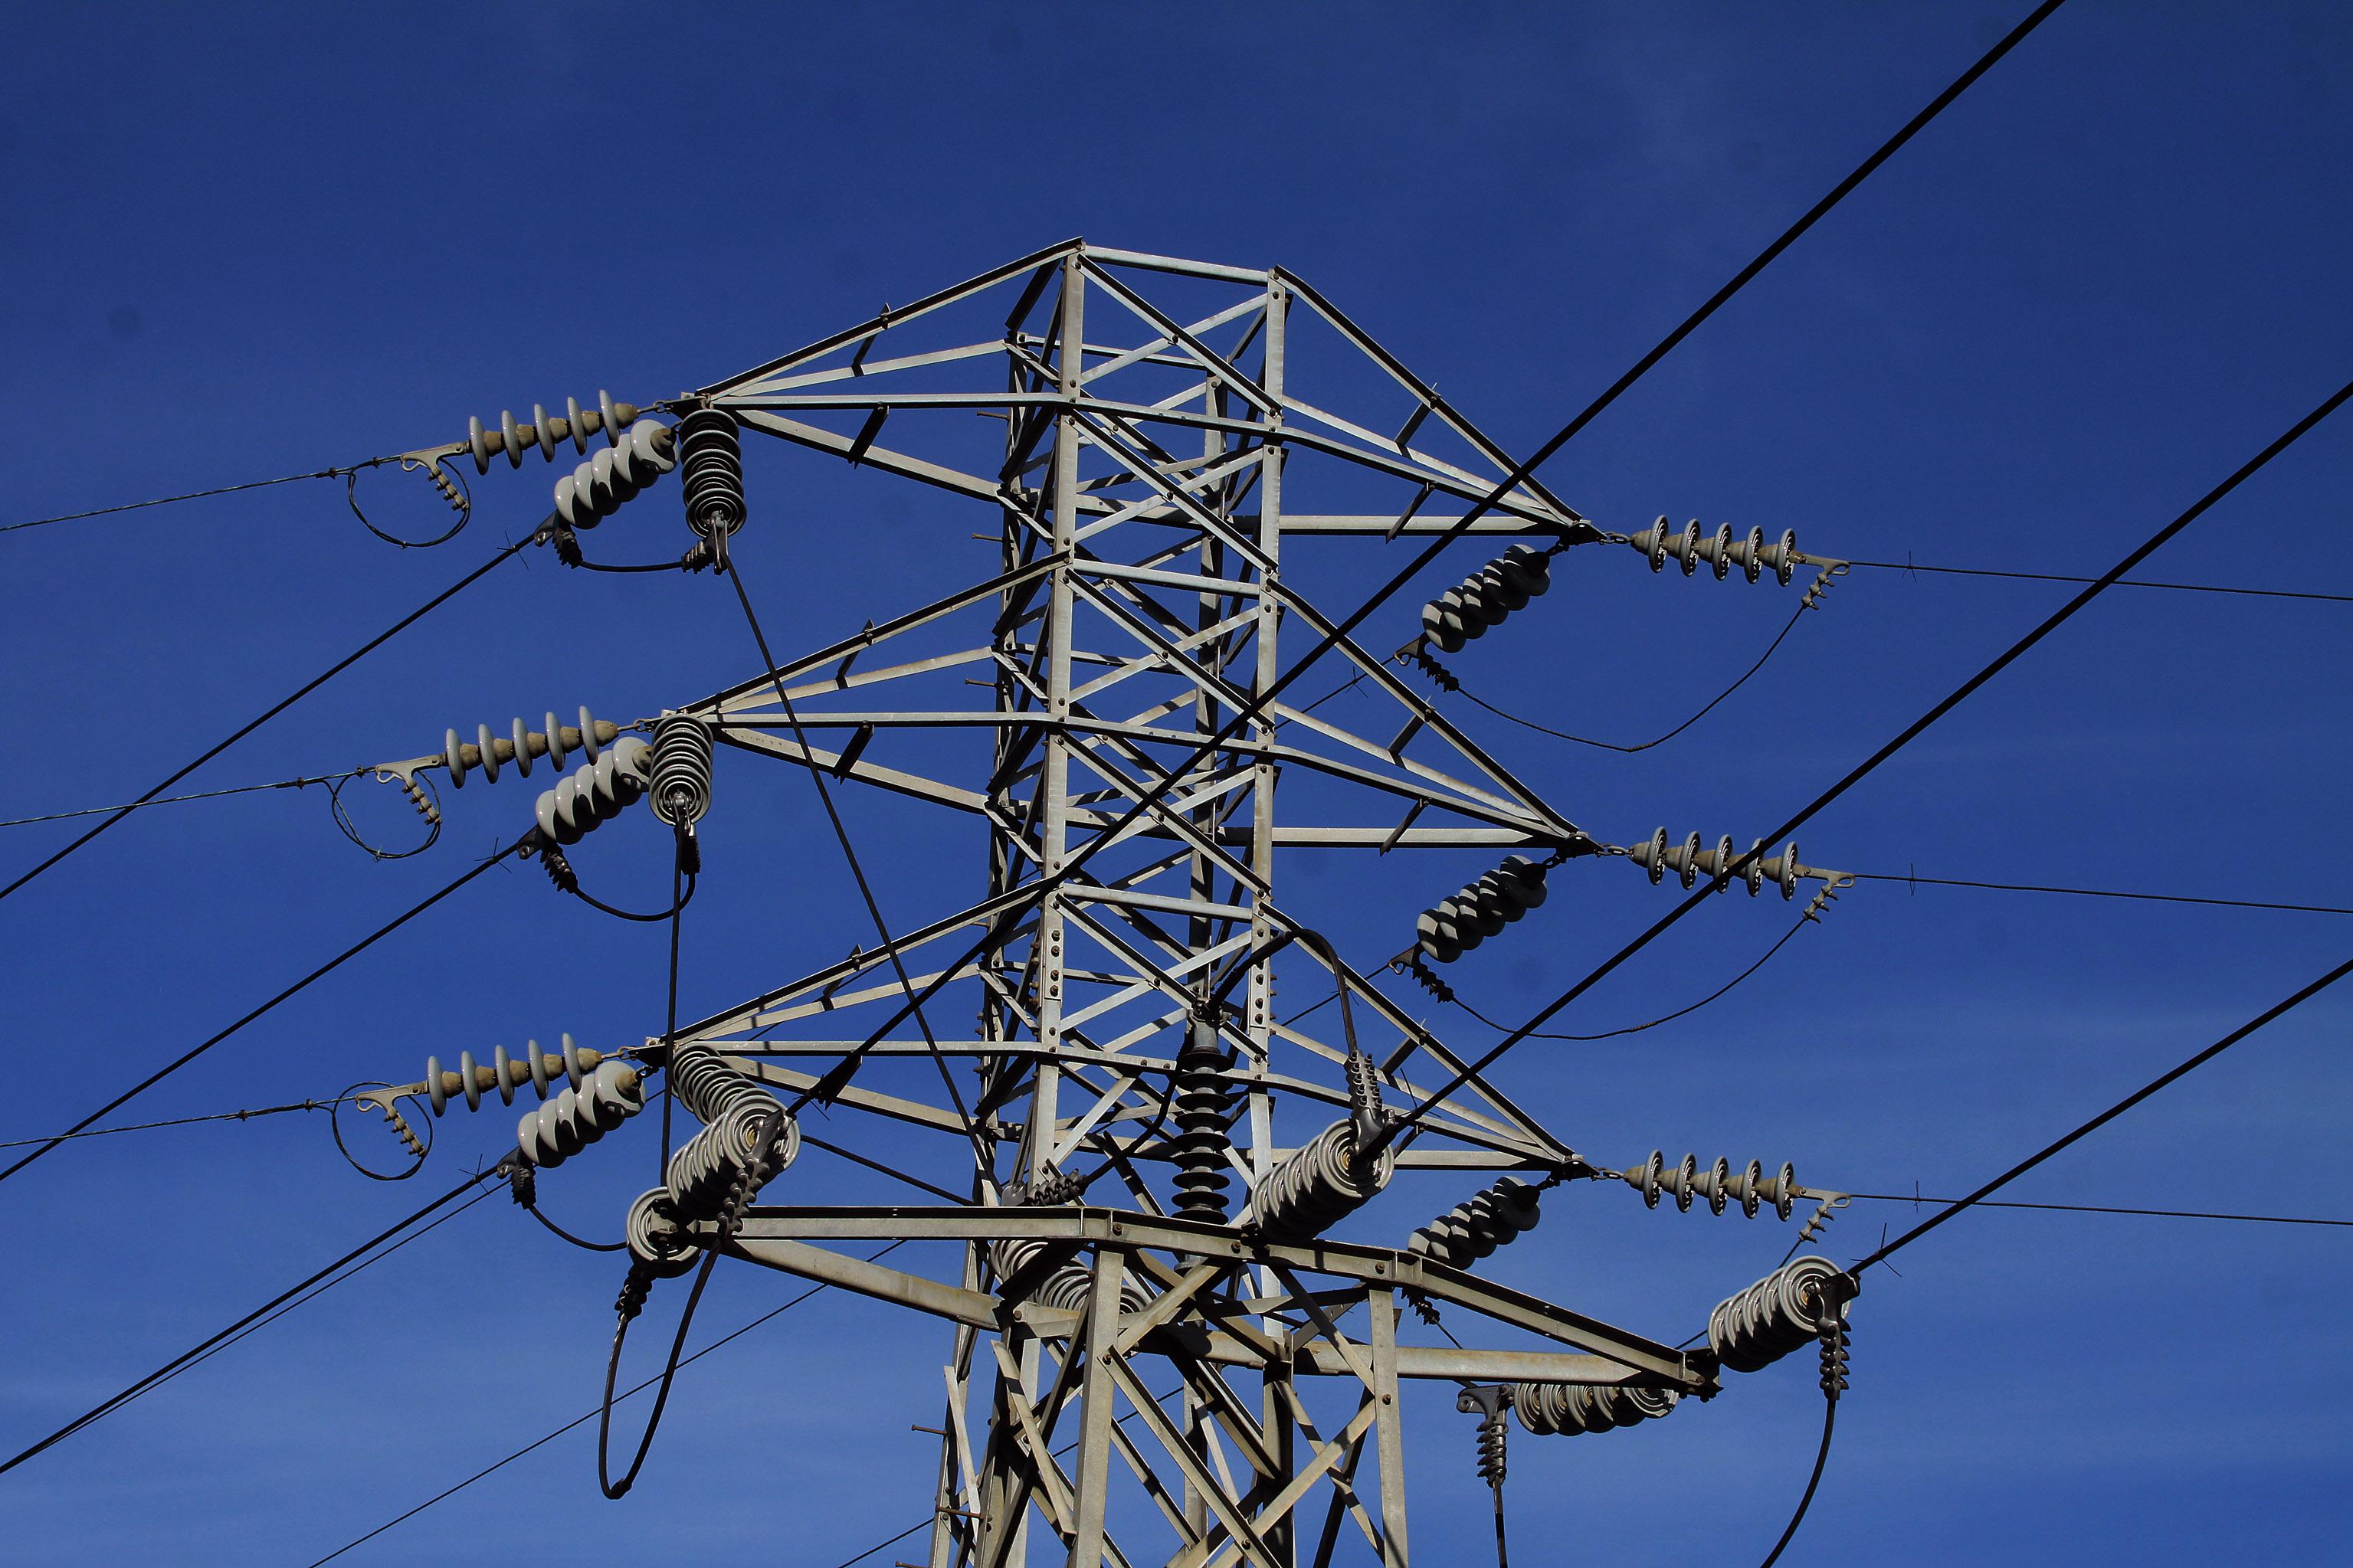 07, JULIO,2014/ CONCEPCIÓN. Las empresas generadoras transportan la energía con una potencia de 220 mil y 500 mil volts hasta las Subestaciones de Enlace de las empresas distribuidoras, ahí es transformada y baja a 110 mil voltios. Desde las Subestaciones de Enlace la energía es transportada por una red de Líneas de Alta Tensión a otras subestaciones, llamadas Receptoras.La imagen corresponde a la subestación Andalien de Concepción. Foto : VÍCTOR SALAZAR M./ AGENCIAUNO.